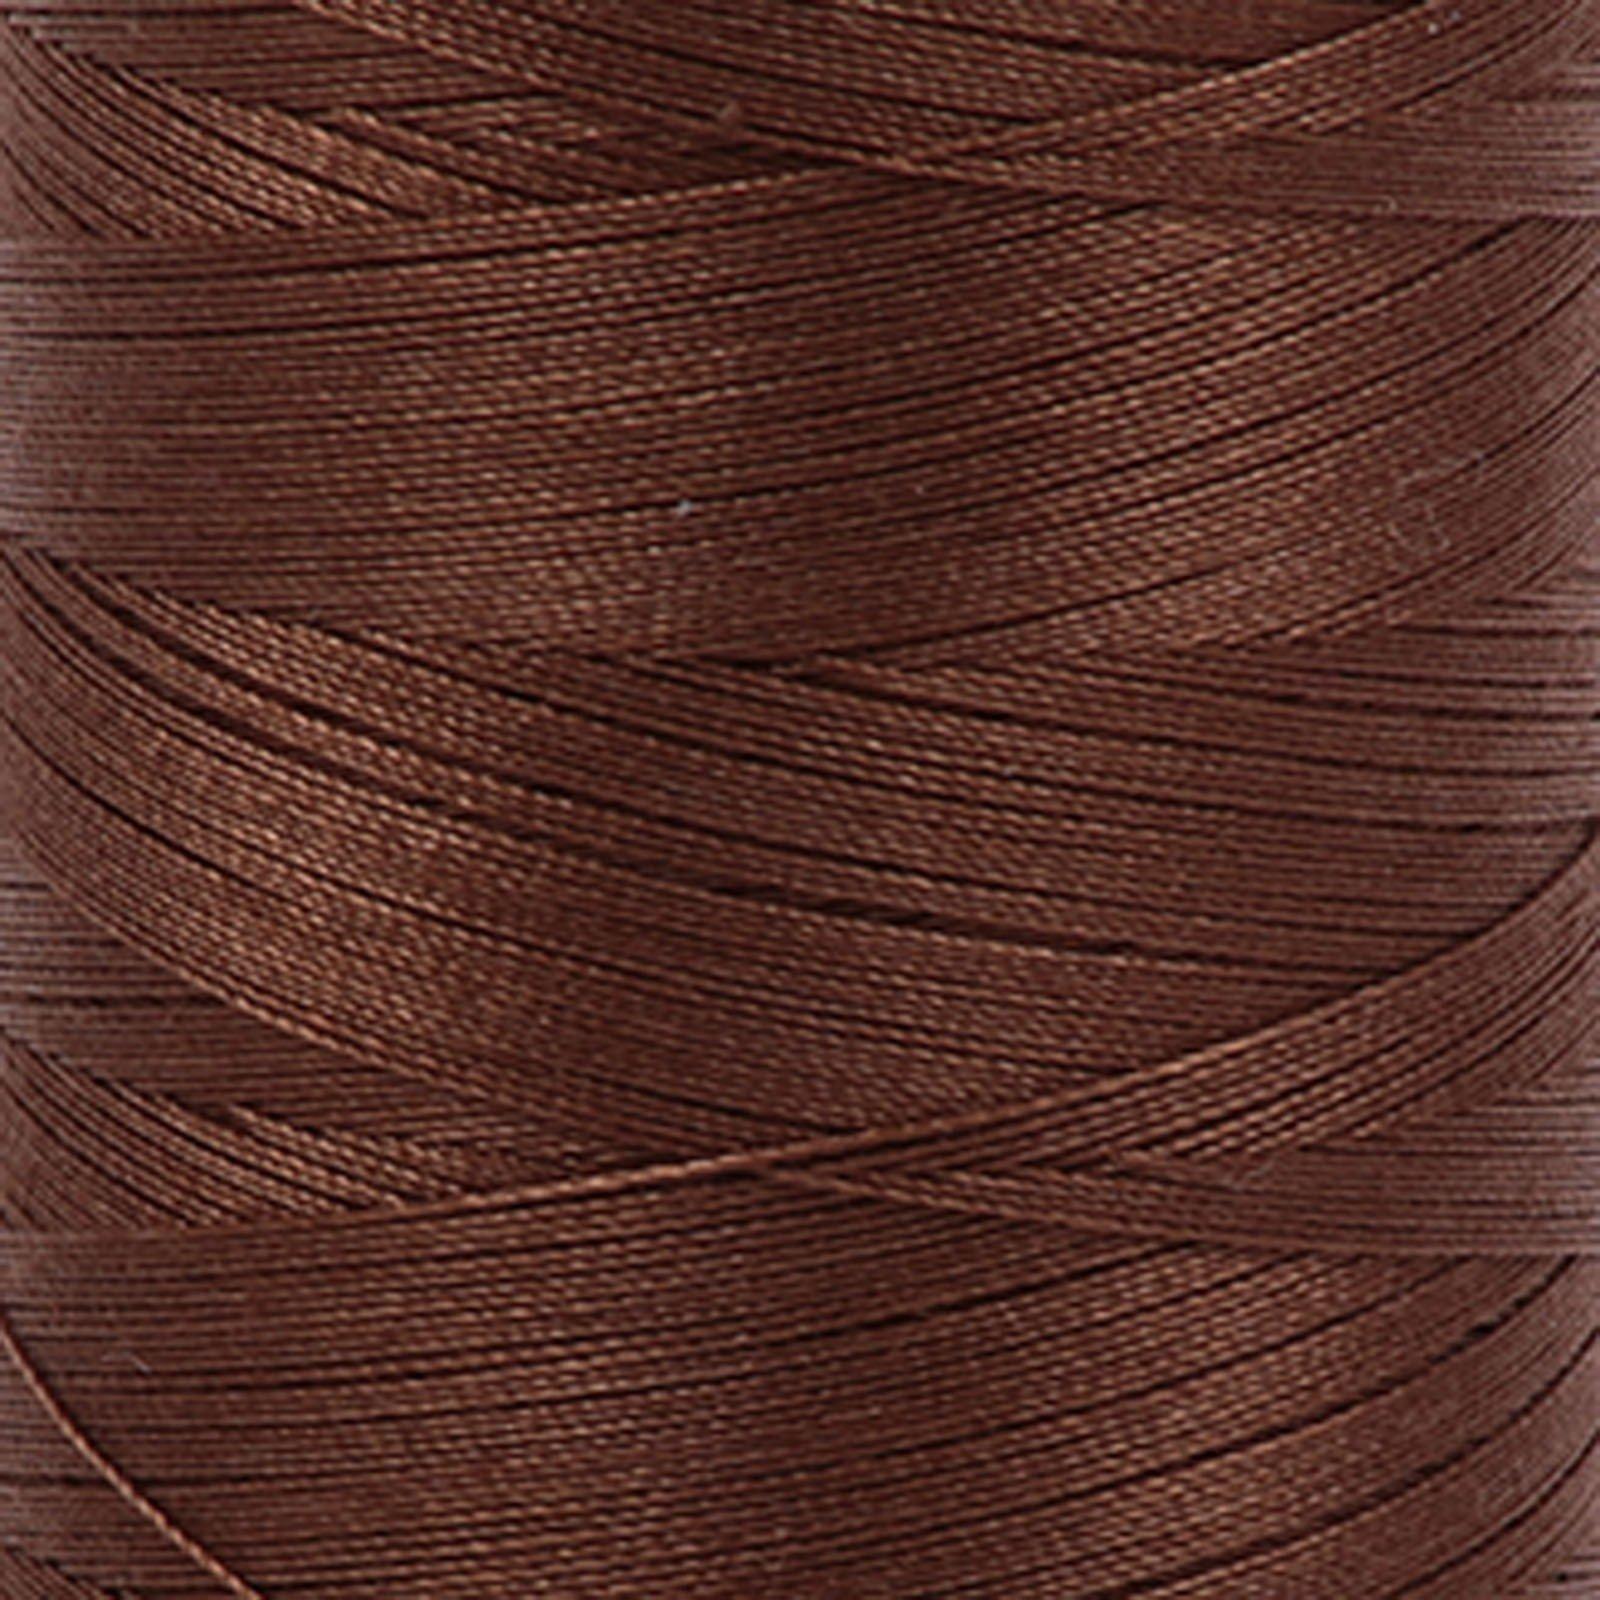 Aurifil Cotton 2372 50wt 220 yds